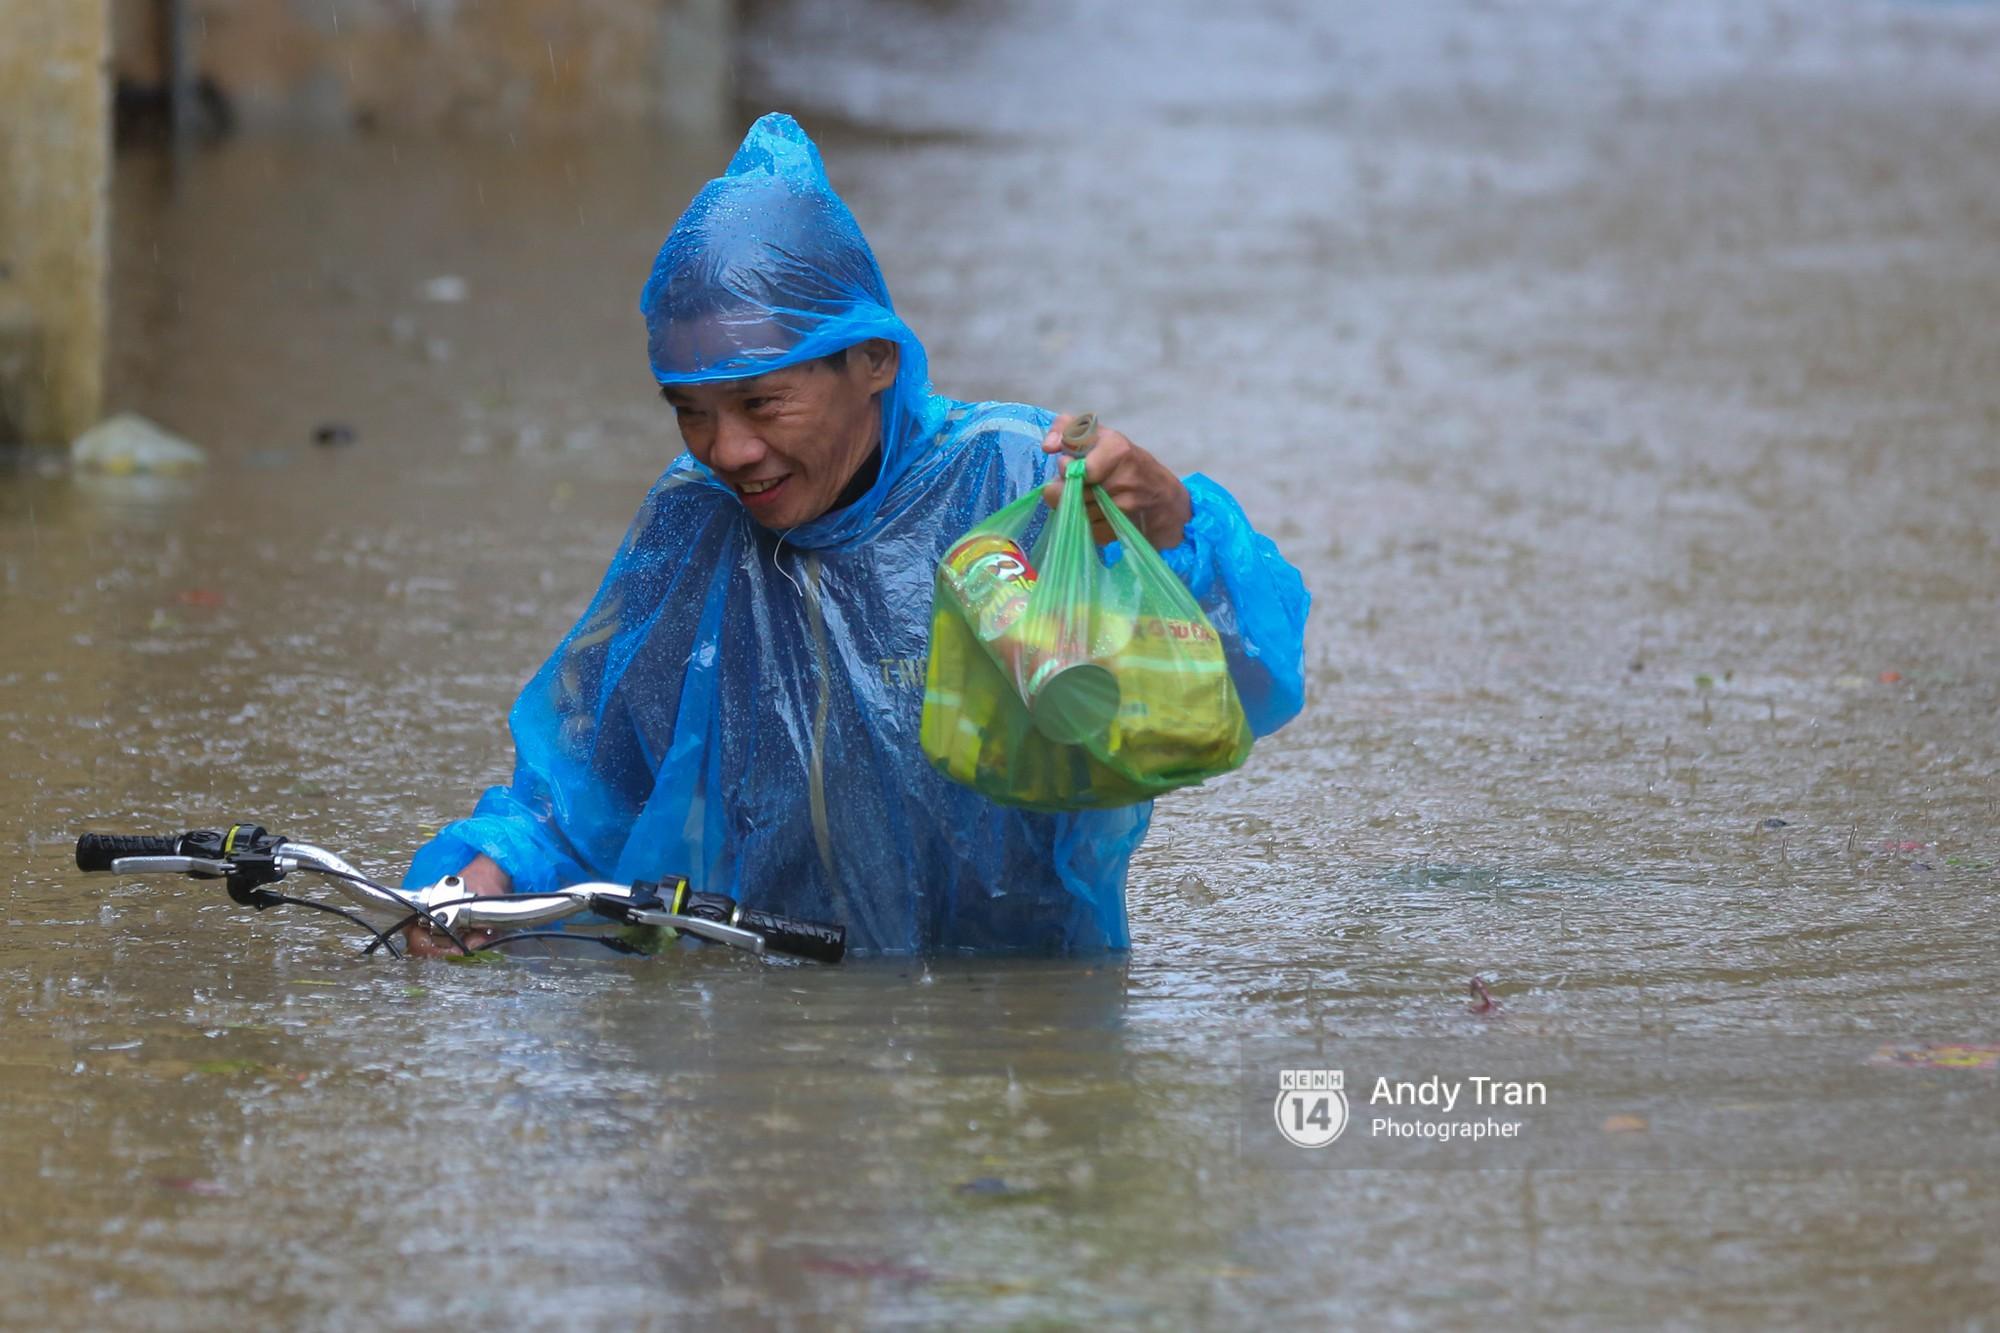 Chùm ảnh: Hội An nước ngập thành sông do ảnh hưởng của bão, người dân và du khách chật vật dùng thuyền bè di chuyển - Ảnh 16.